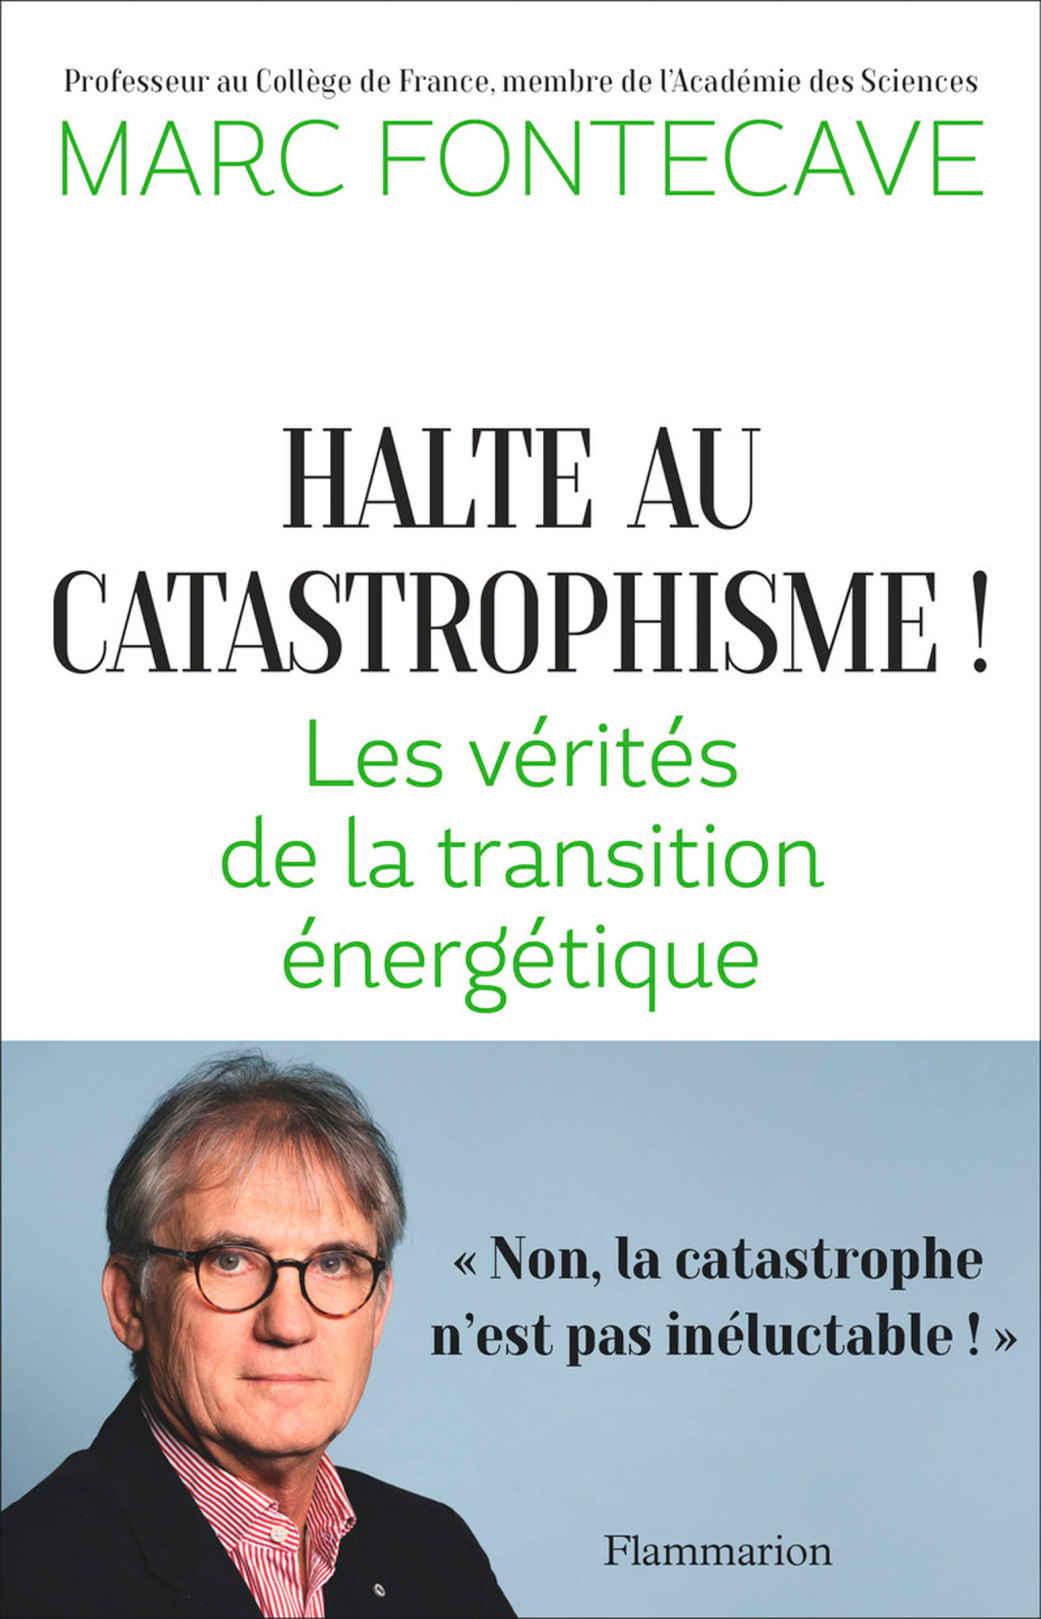 Marc Fontecave, Halte au catastrophisme